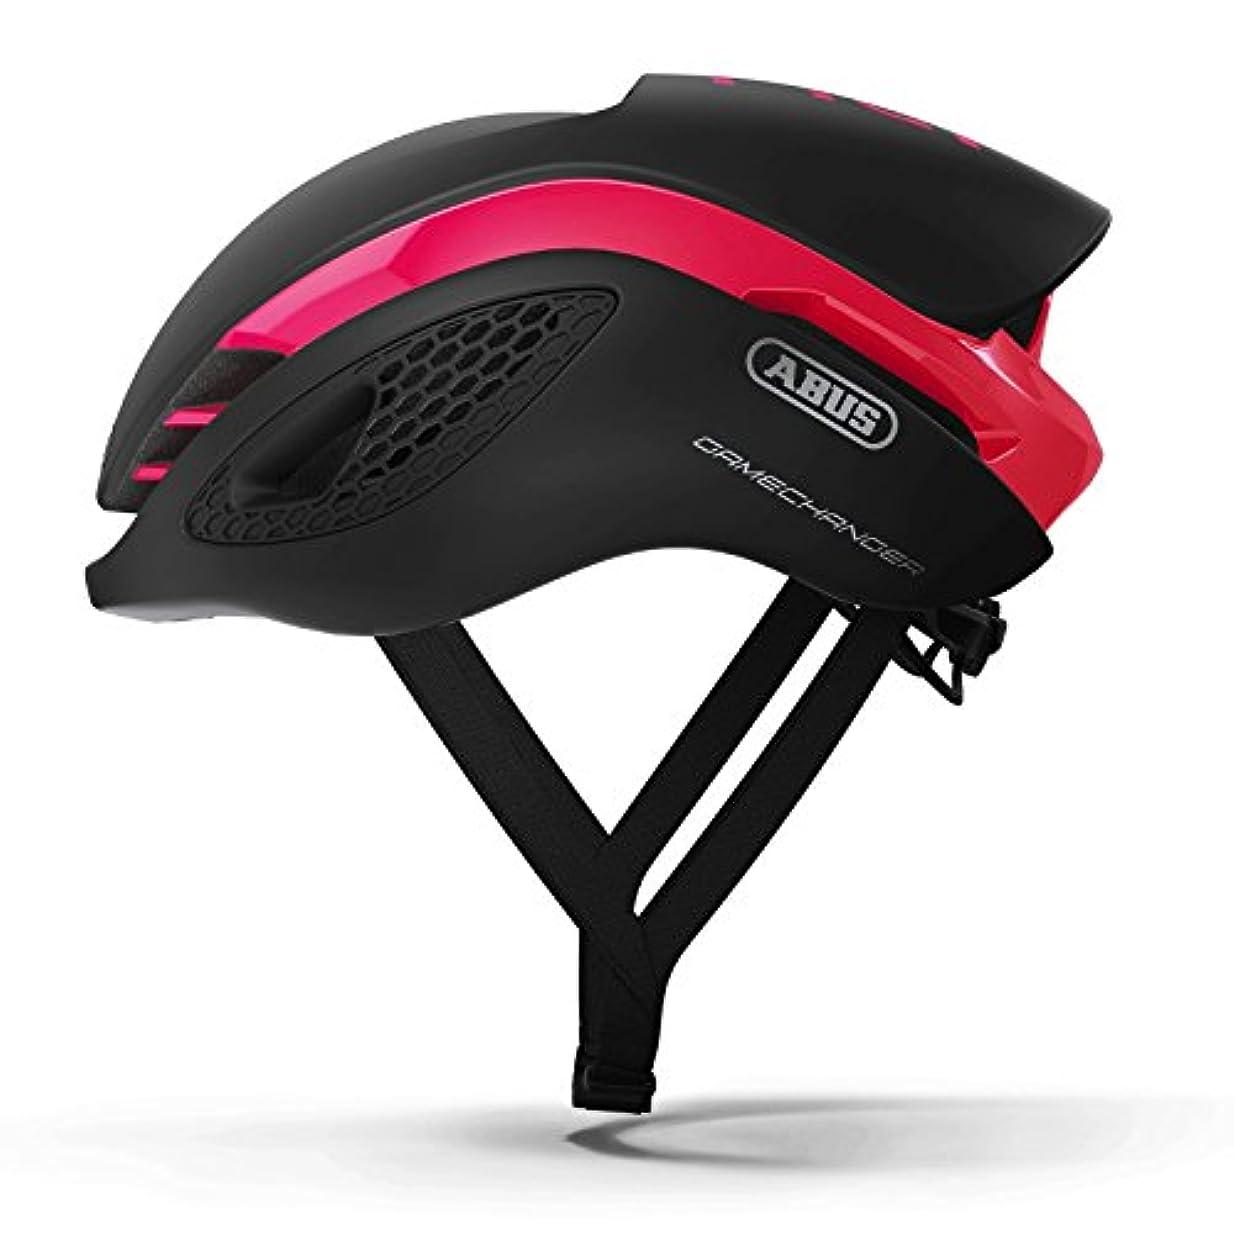 不測の事態乗り出すパステルABUS(アブス) GameChanger サイクリング ヘルメット - Fuchsia Pink (フクシアピンク) [並行輸入品]